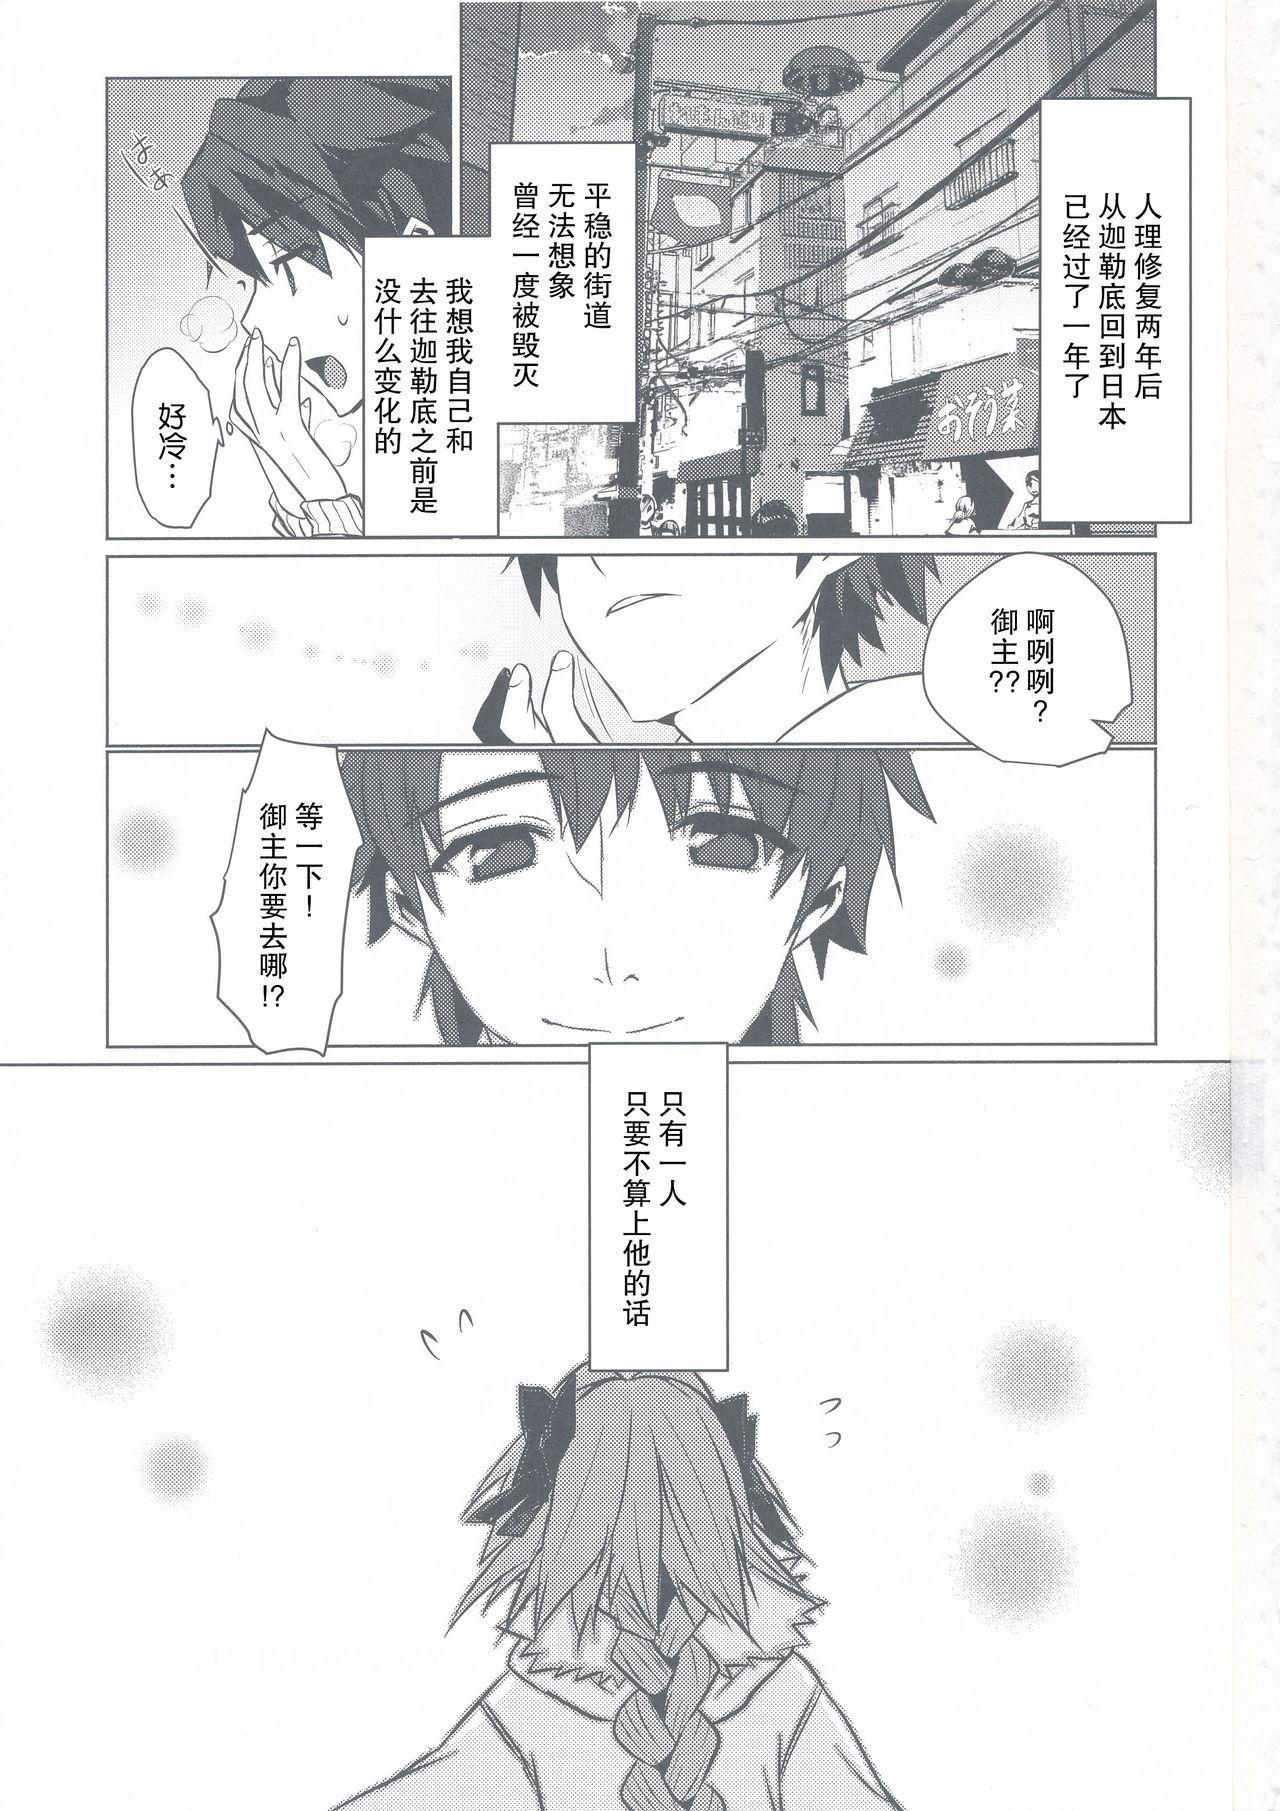 Astolfo-kun to Nenmatsu ni Ichaicha Sugosu Hon 3